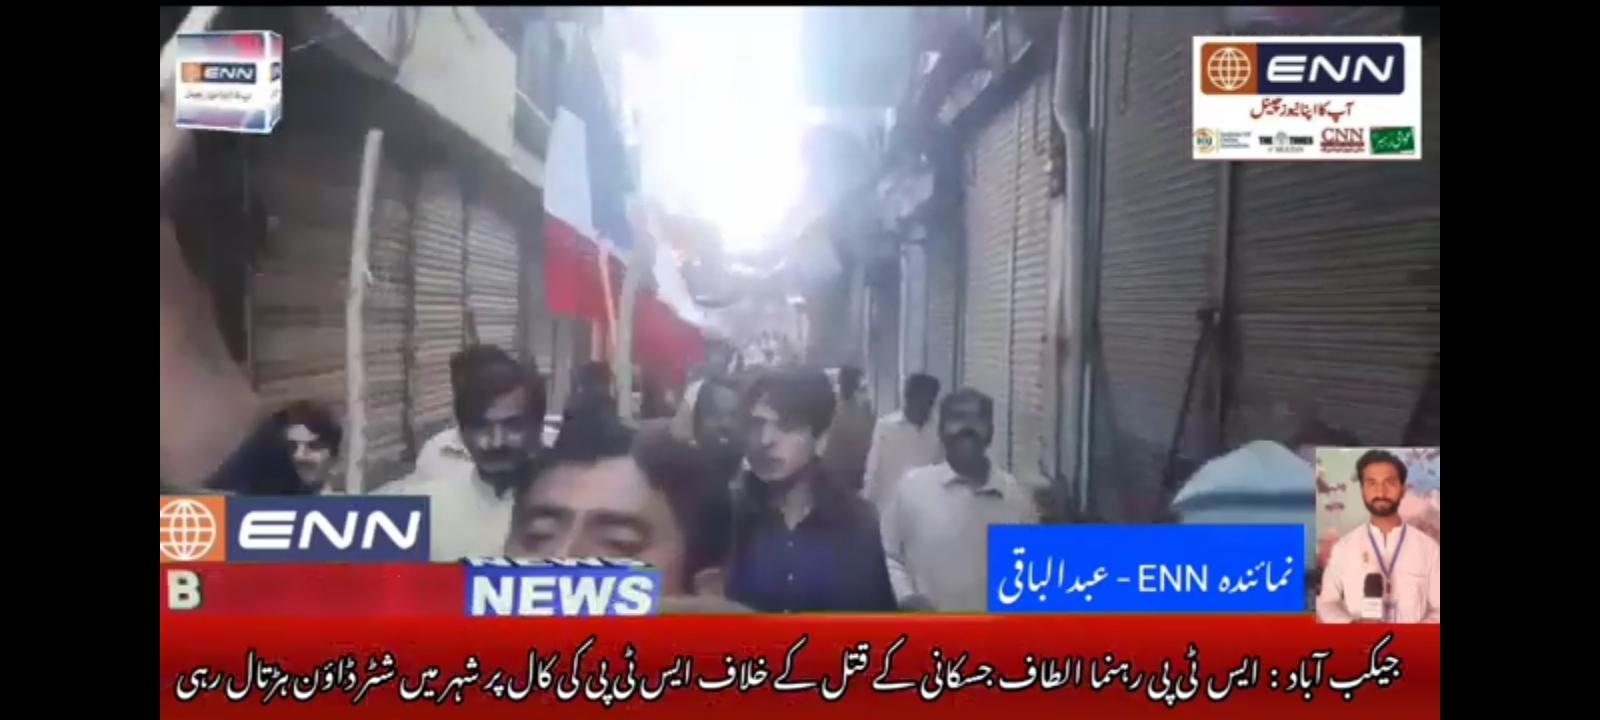 جیکب آباد:ایس  ٹی پی رہنما الطاف جسکانی کے قتل کے خلاف ایس ٹی پی کی کال پر شہر میں شٹر ڈاؤن ہڑتال رہی